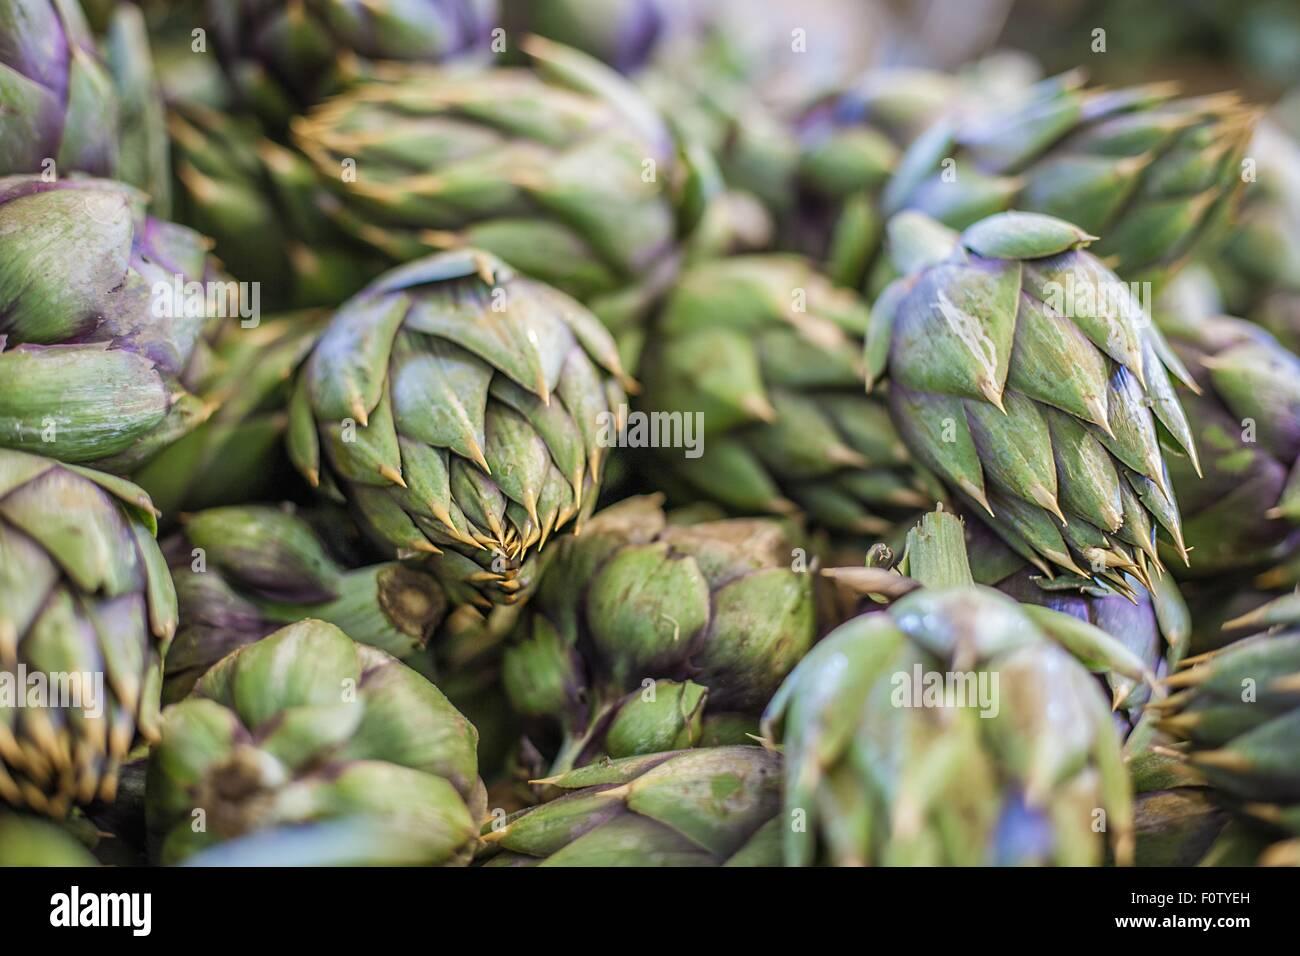 Montón de alcachofas, full frame, close-up Imagen De Stock